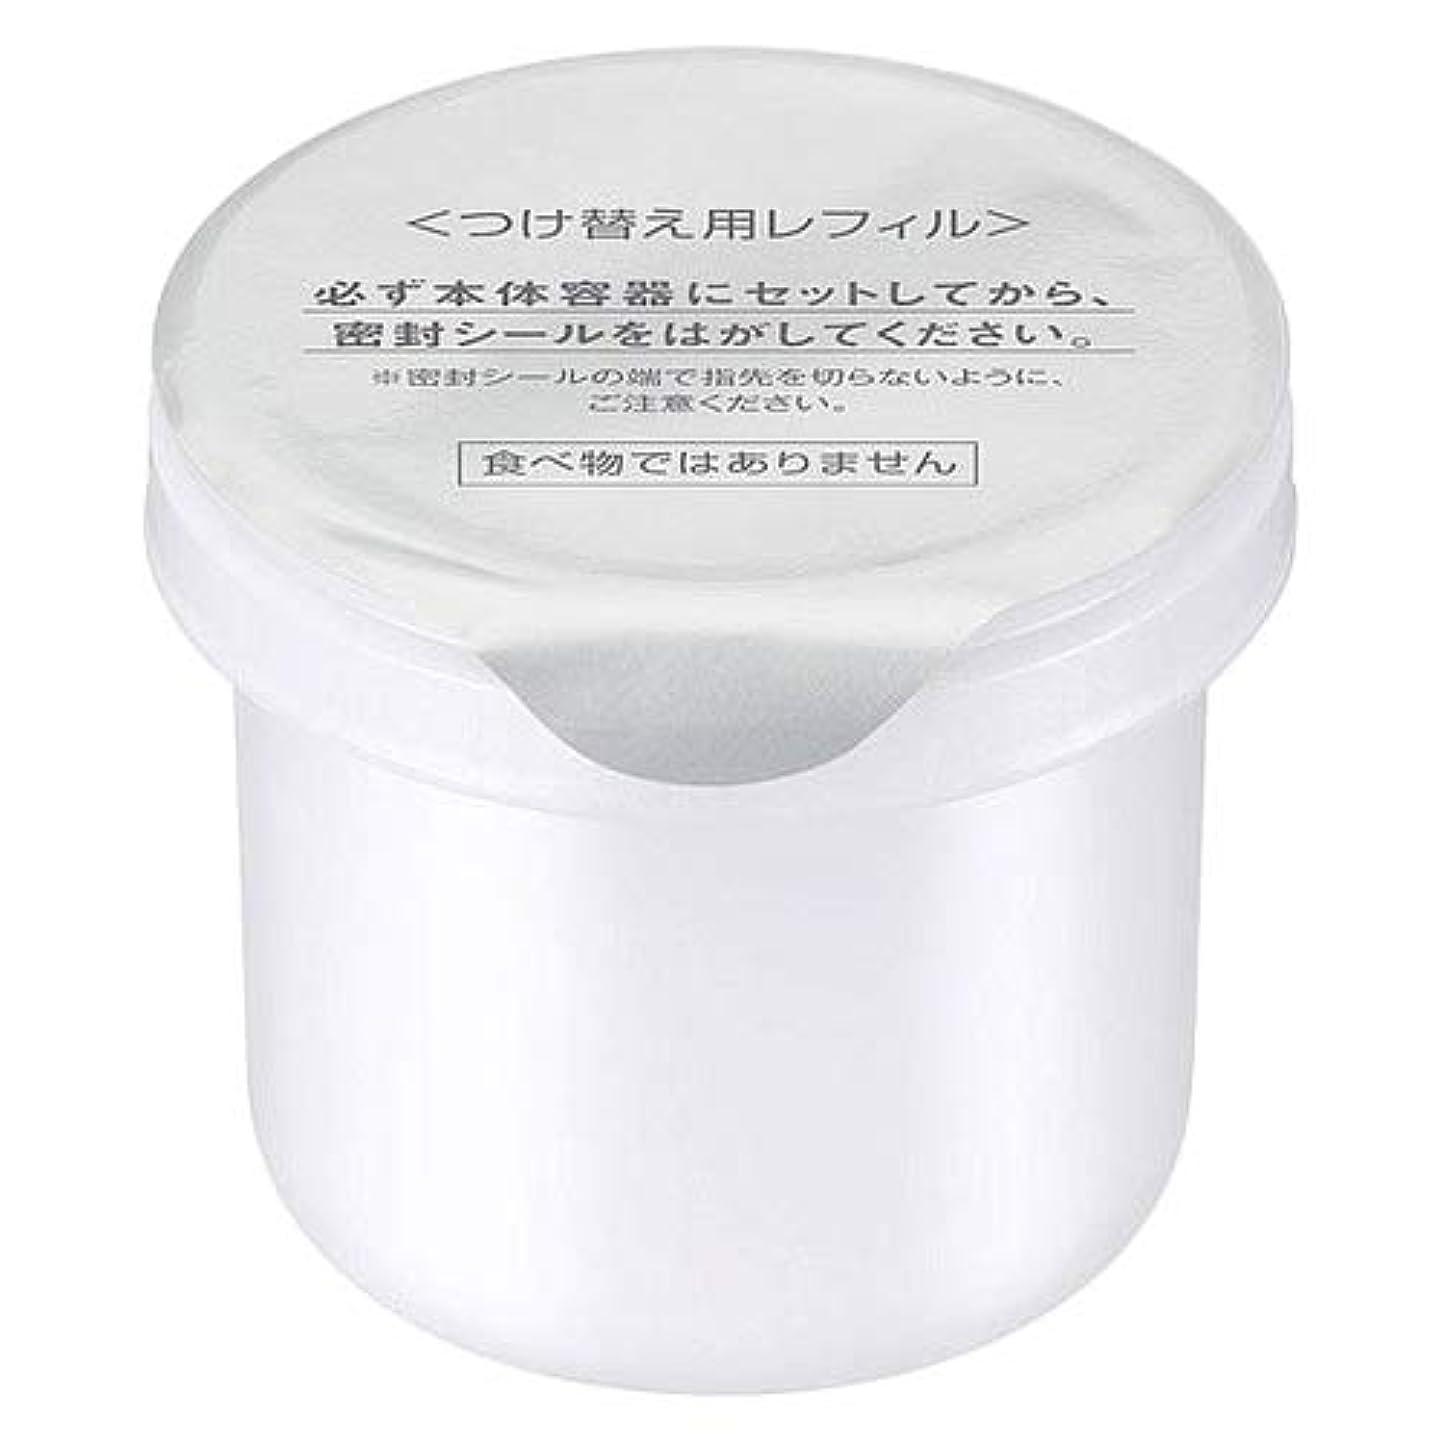 うねる切り刻むマリンカネボウ デュウ KANEBO DEW ブライトニングクリーム (レフィル) 30g [並行輸入品]